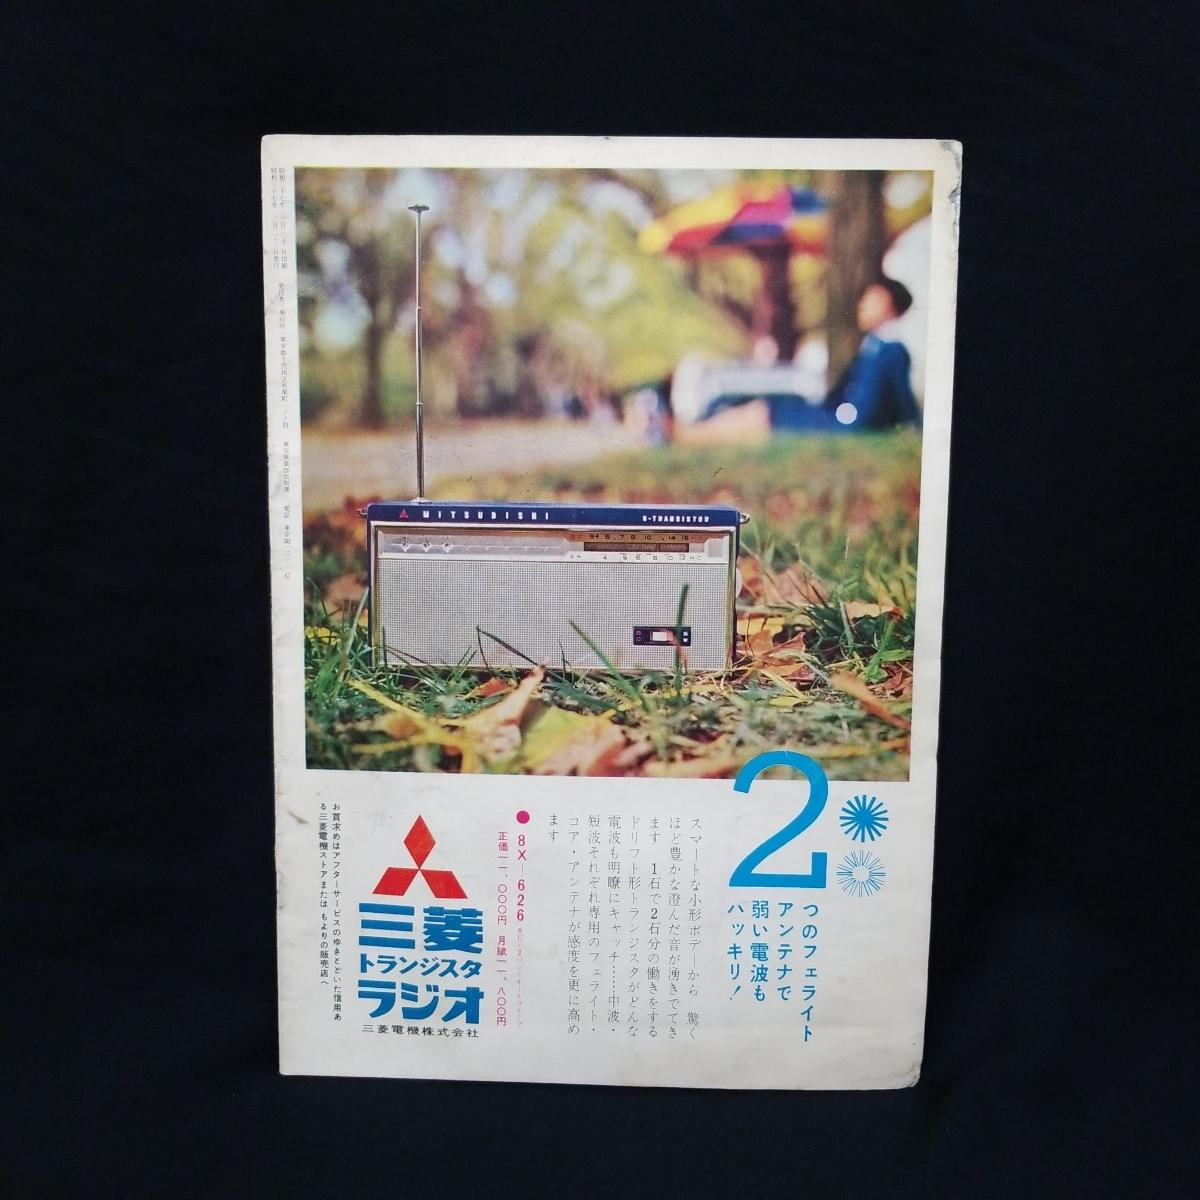 妖星ゴラス パンフレット 昭和37年 当時物 東宝 円谷英二 特撮映画_画像2